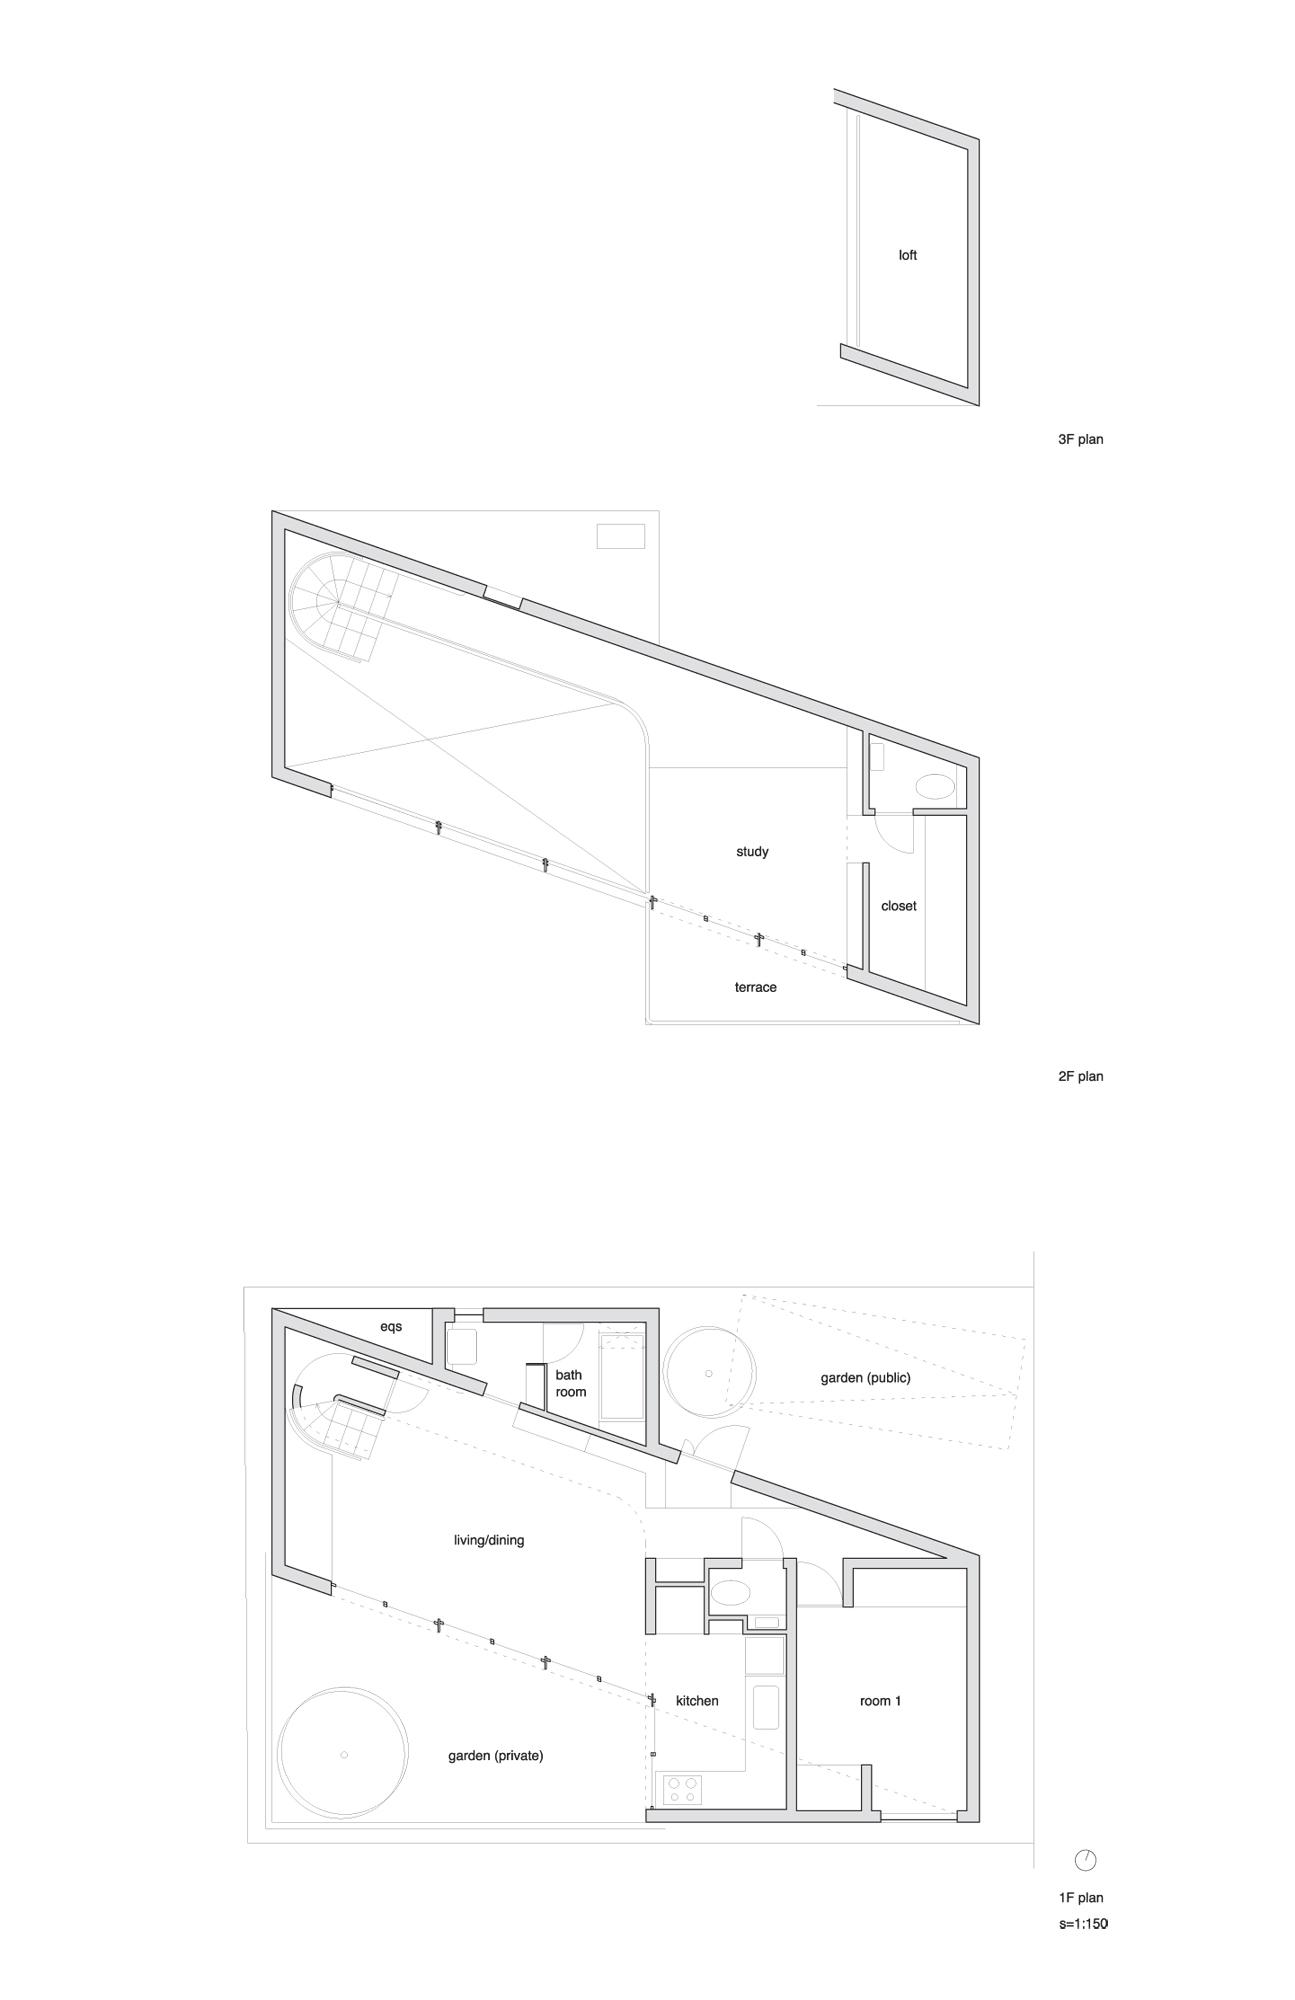 27 - floor plans